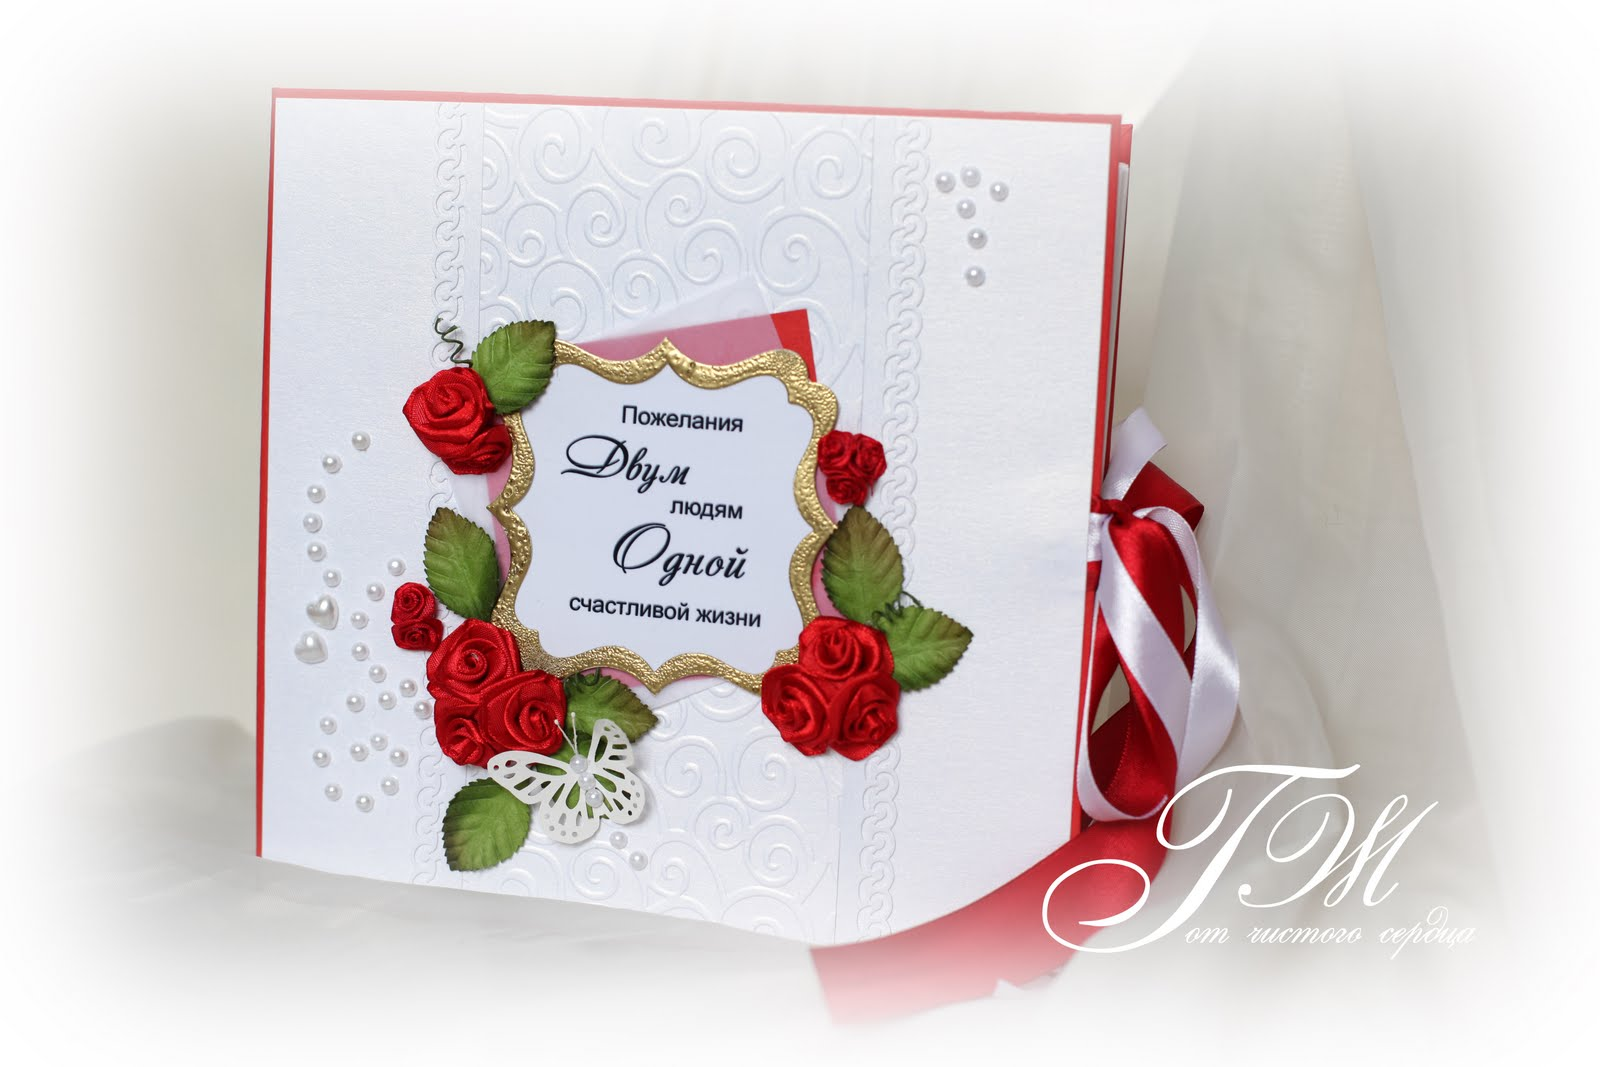 Голосовые открытки и поздравления: песенные поздравления